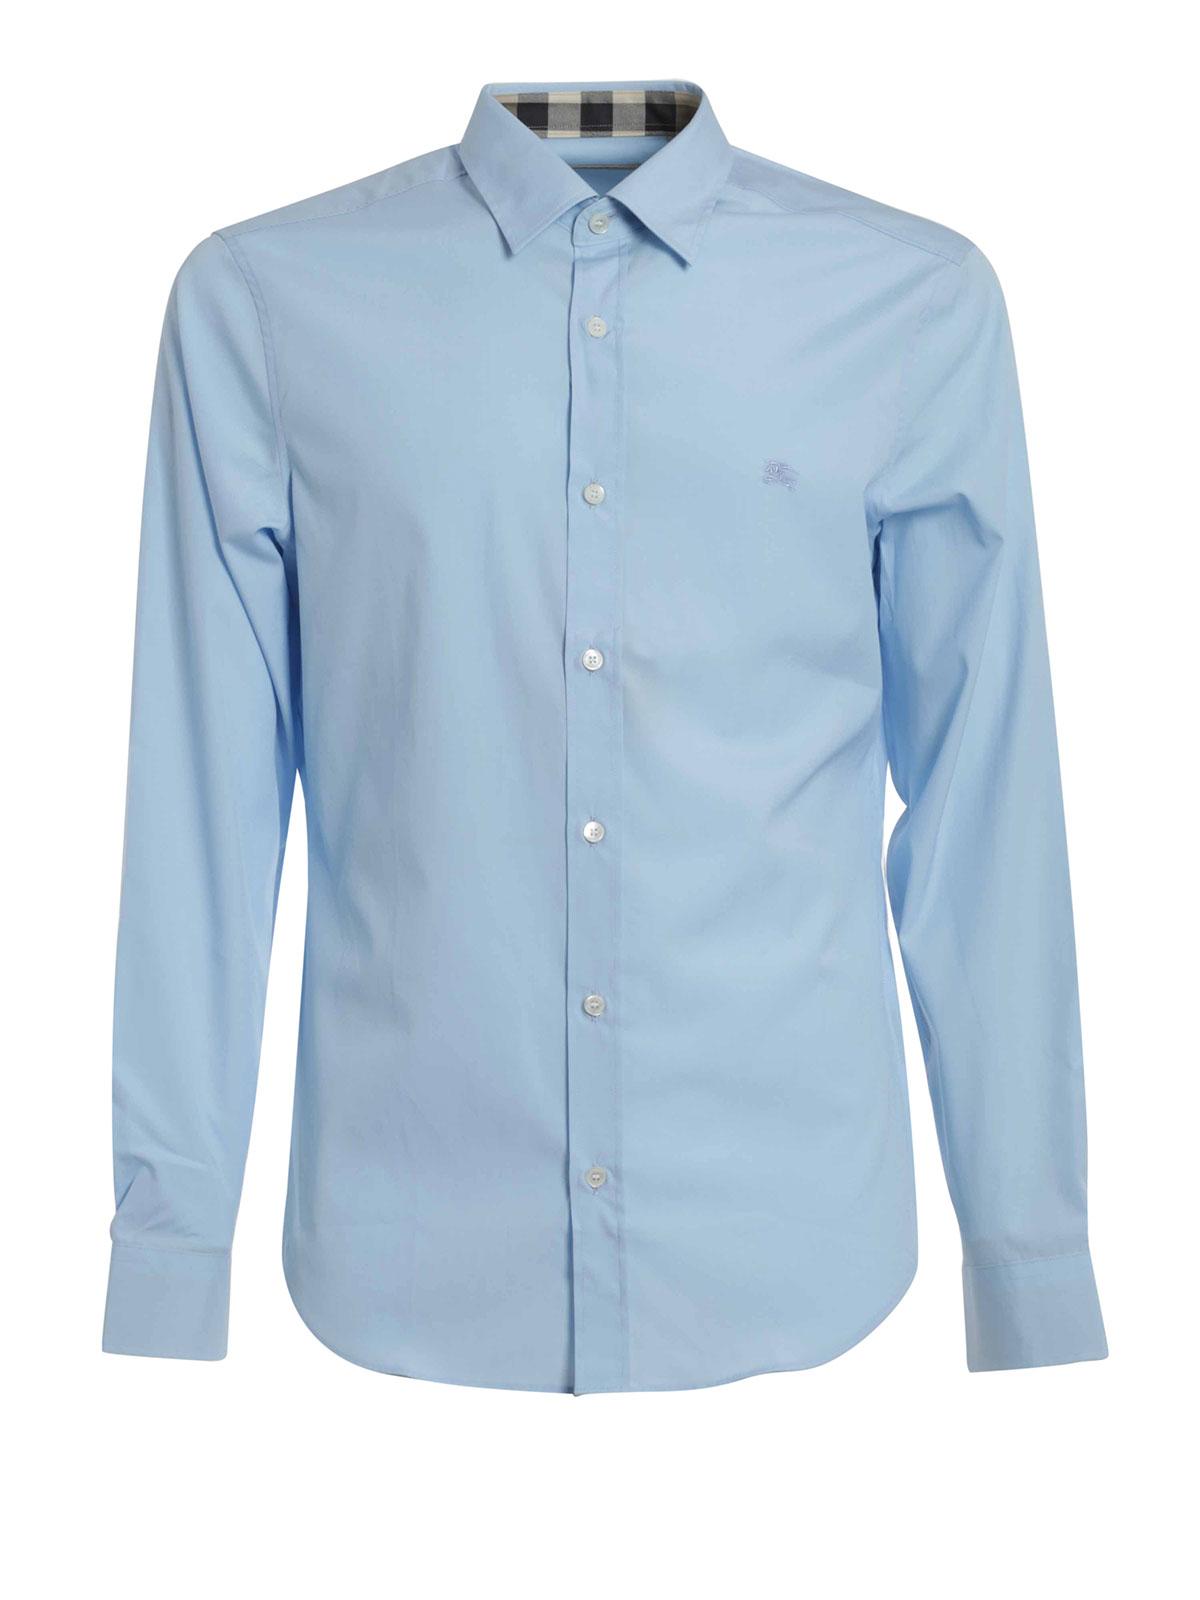 New York a081a c1160 Burberry Brit - Camicia in cotone tinta unita - camicie ...